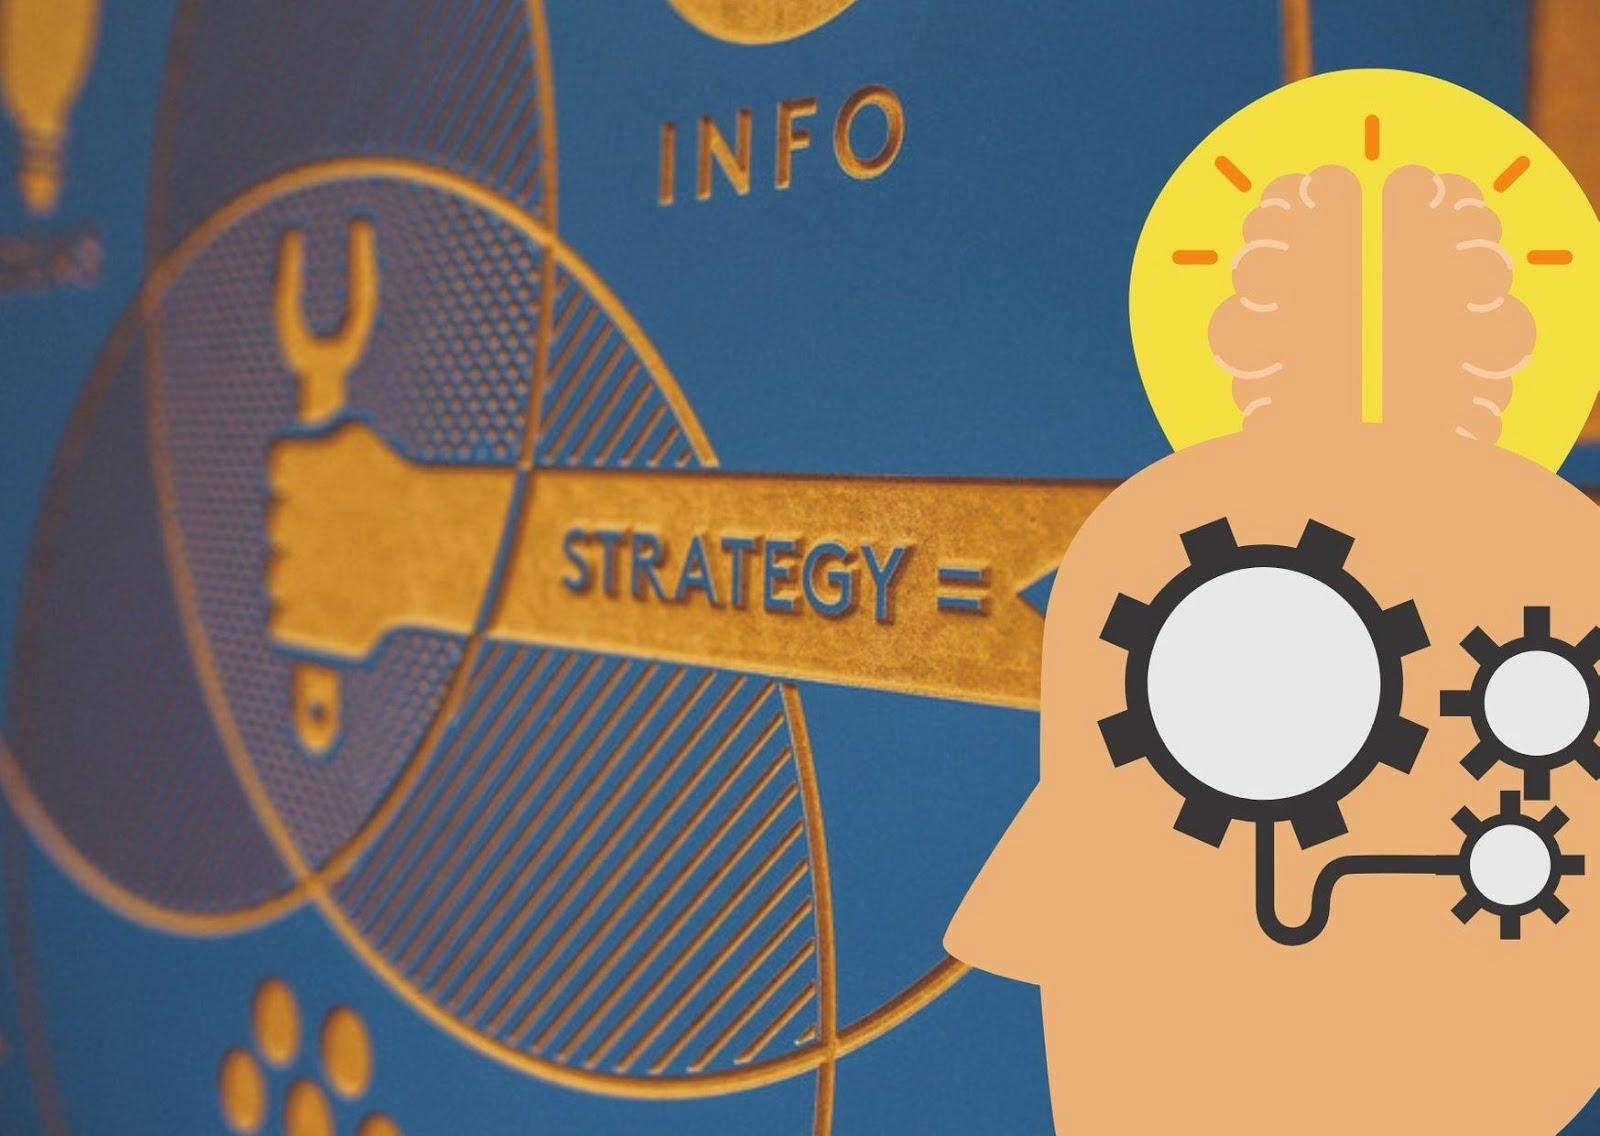 運彩怎麼買才會贏錢?6種最佳投注策略一次告訴你!